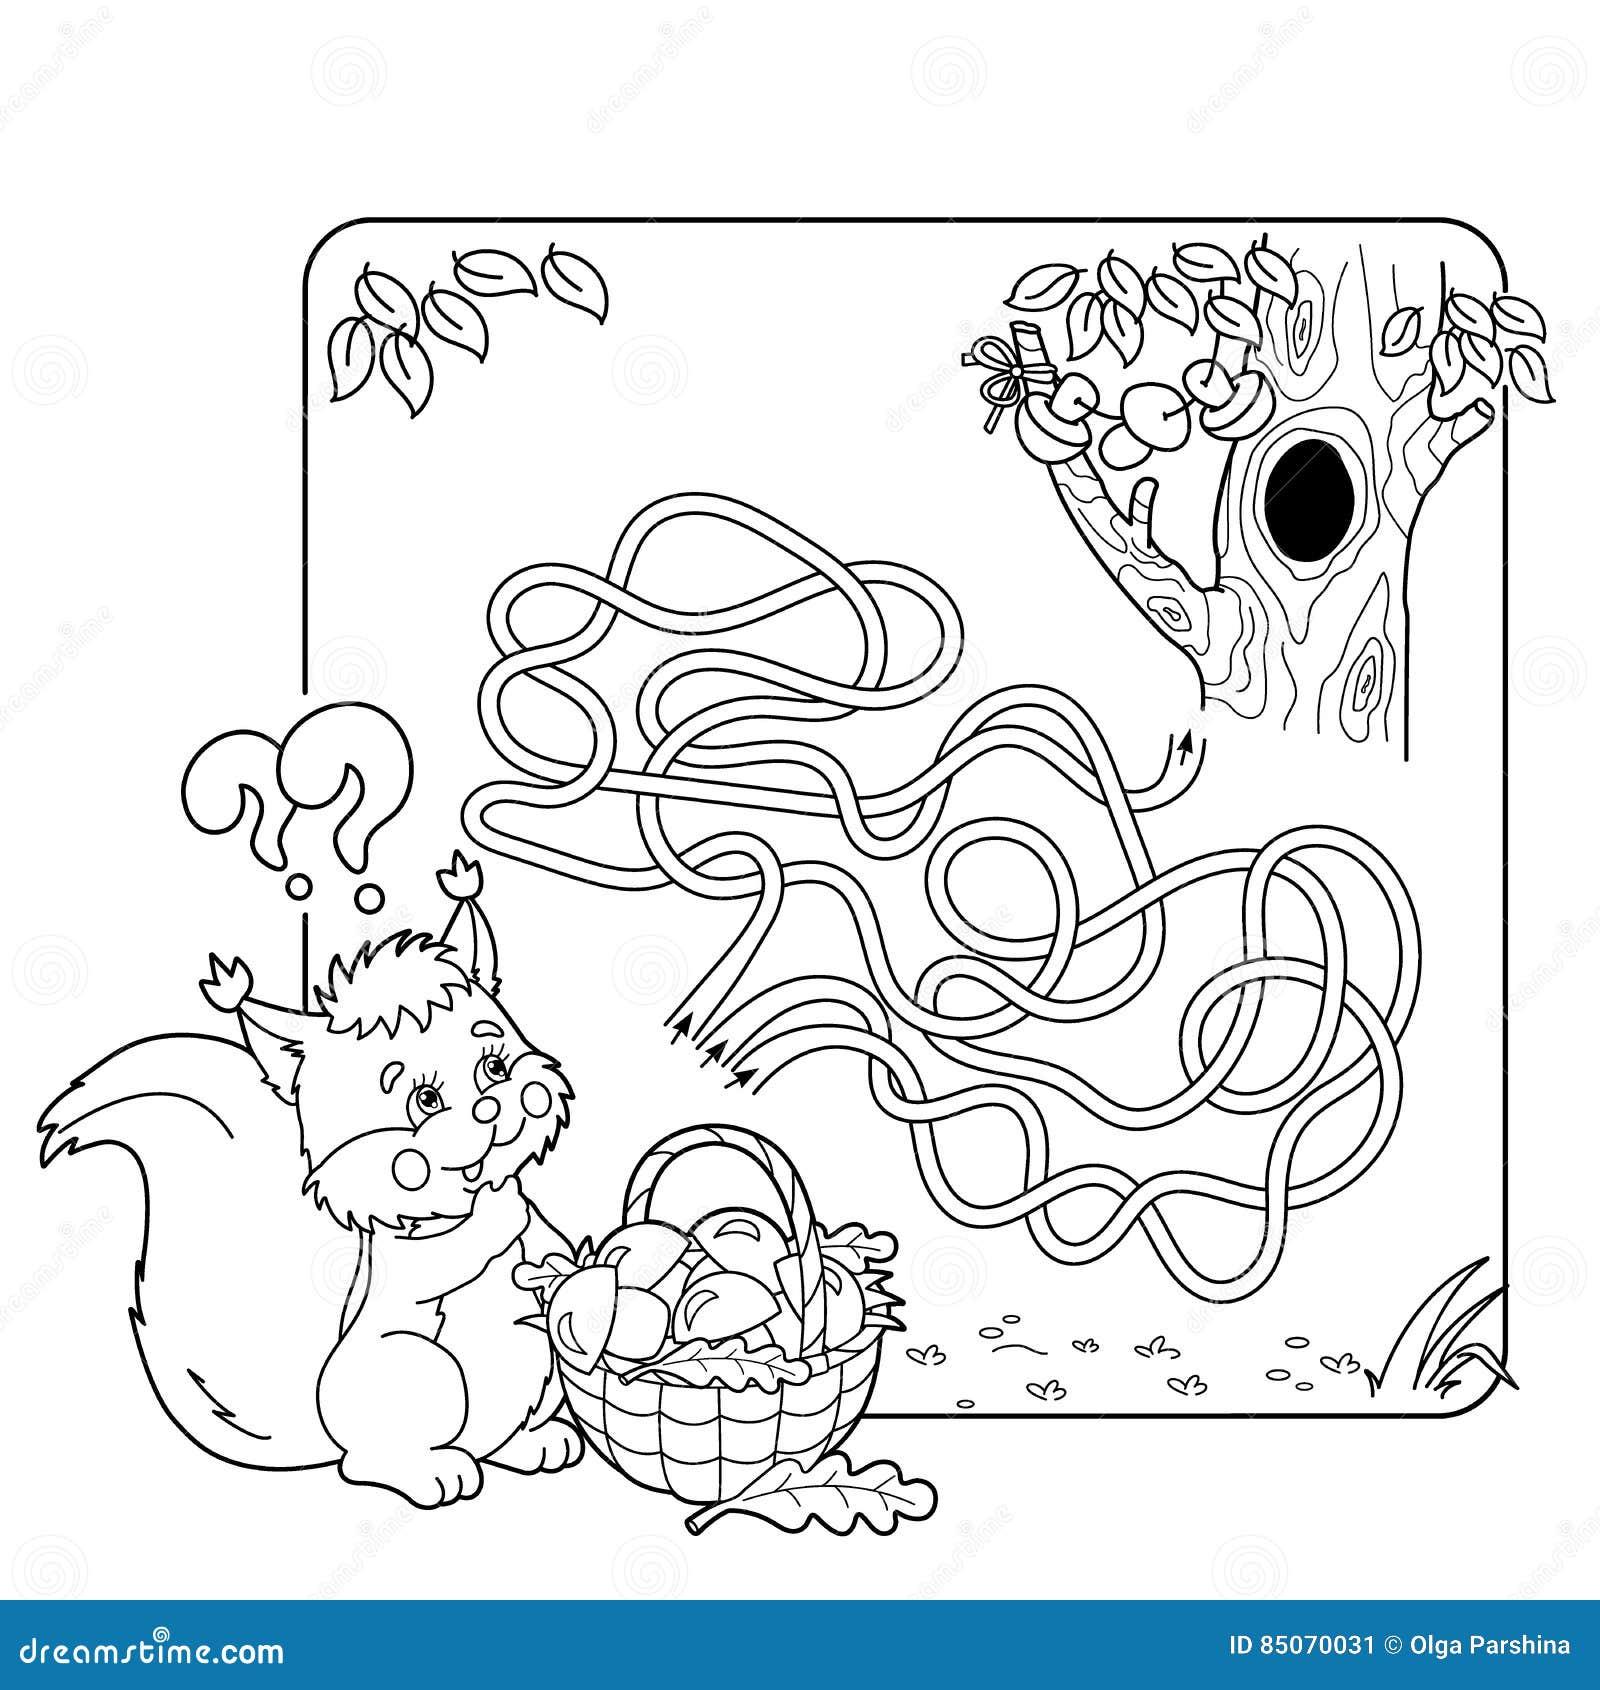 Игра лабиринта или лабиринта для детей дошкольного ...